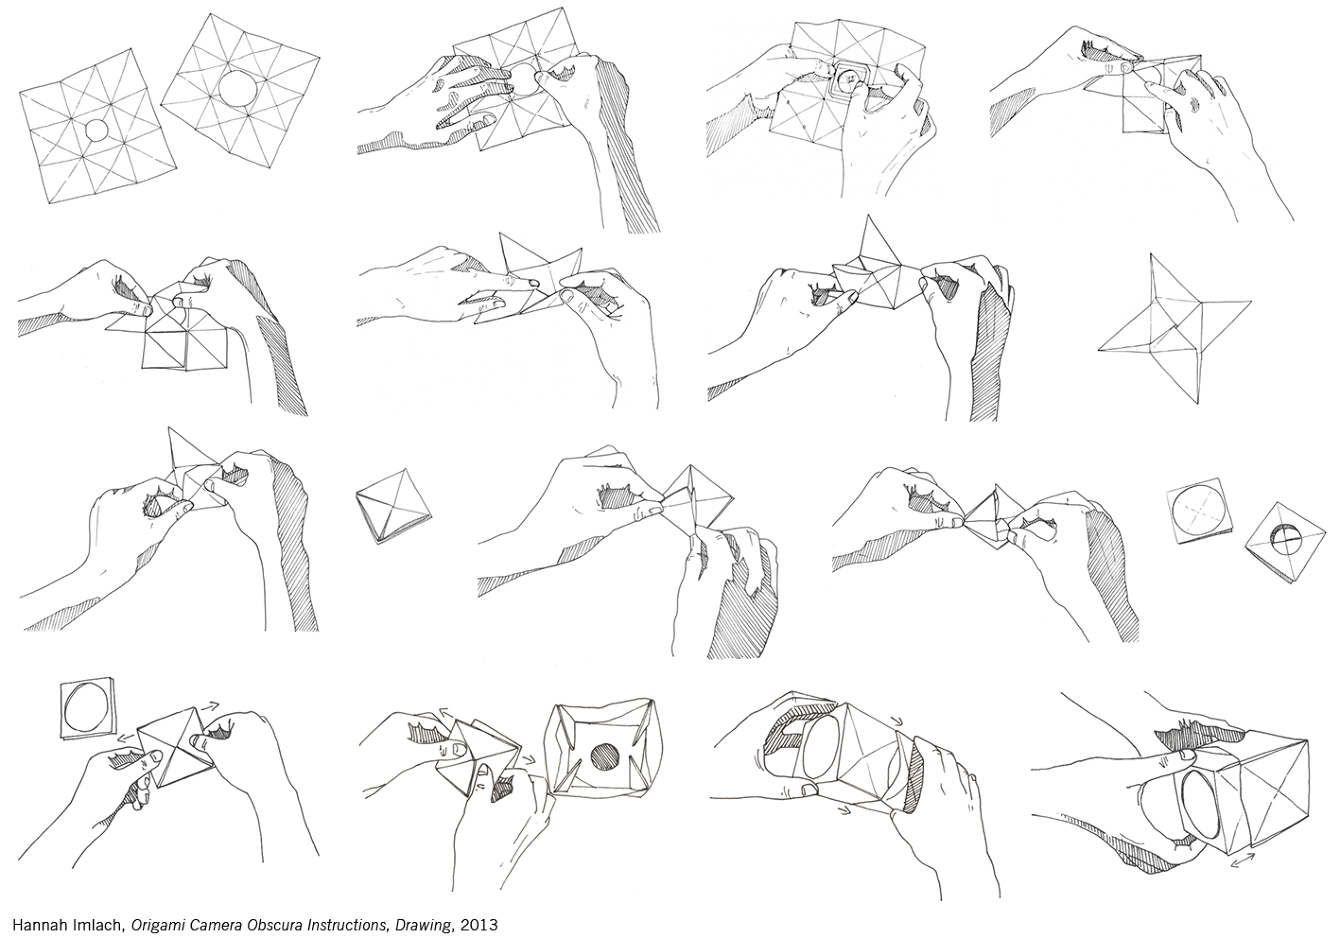 origami camera obscura